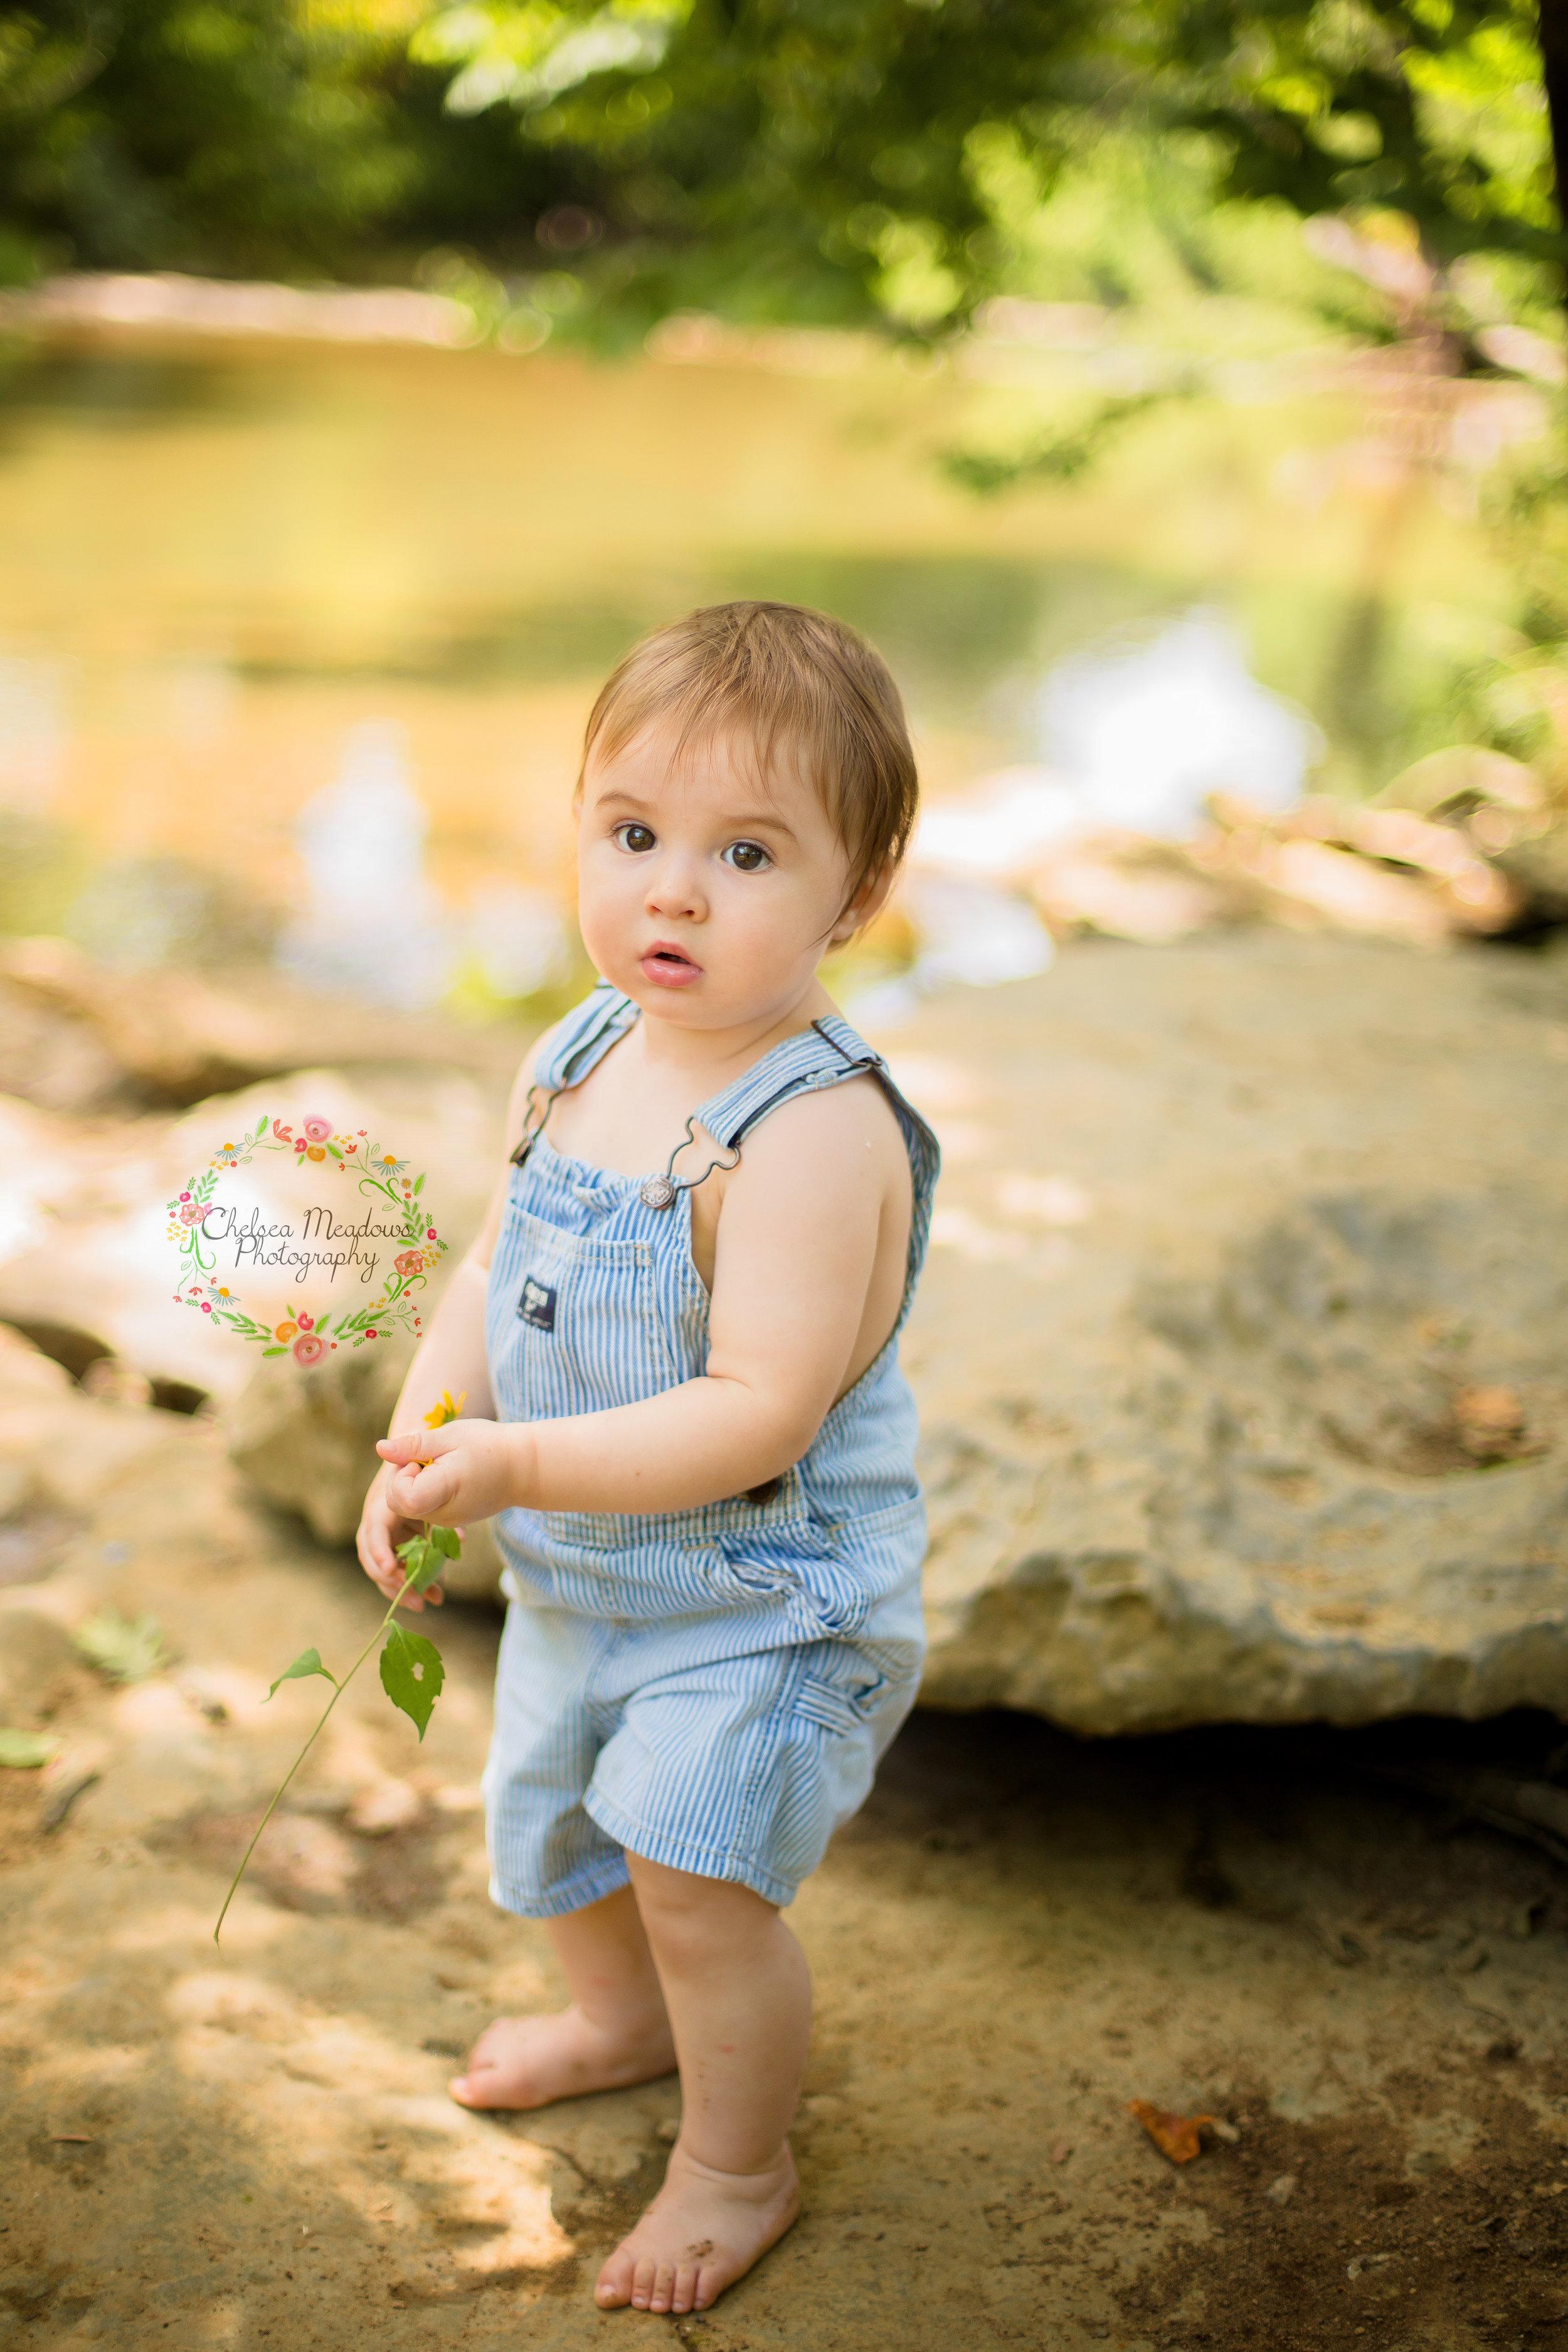 Rowans First Birthday - Nashville Family Photographer - Chelsea Meadows Photography (24).jpg